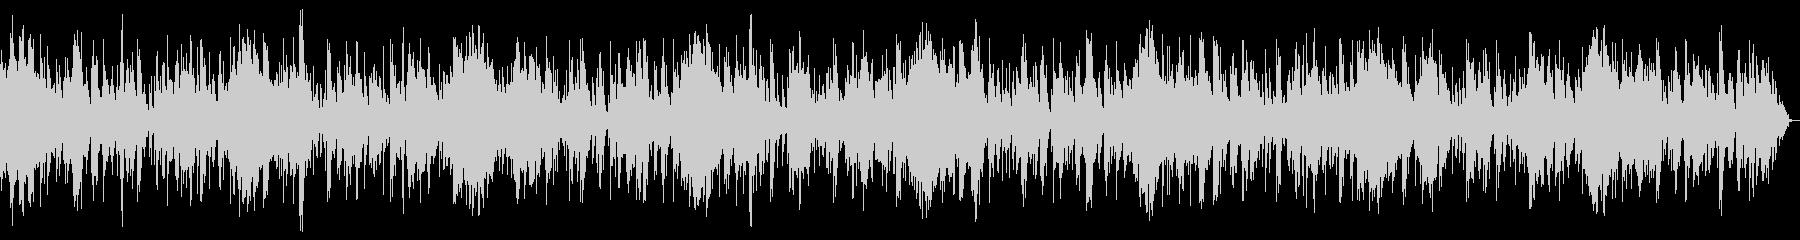 ホラー風BGM 15の未再生の波形